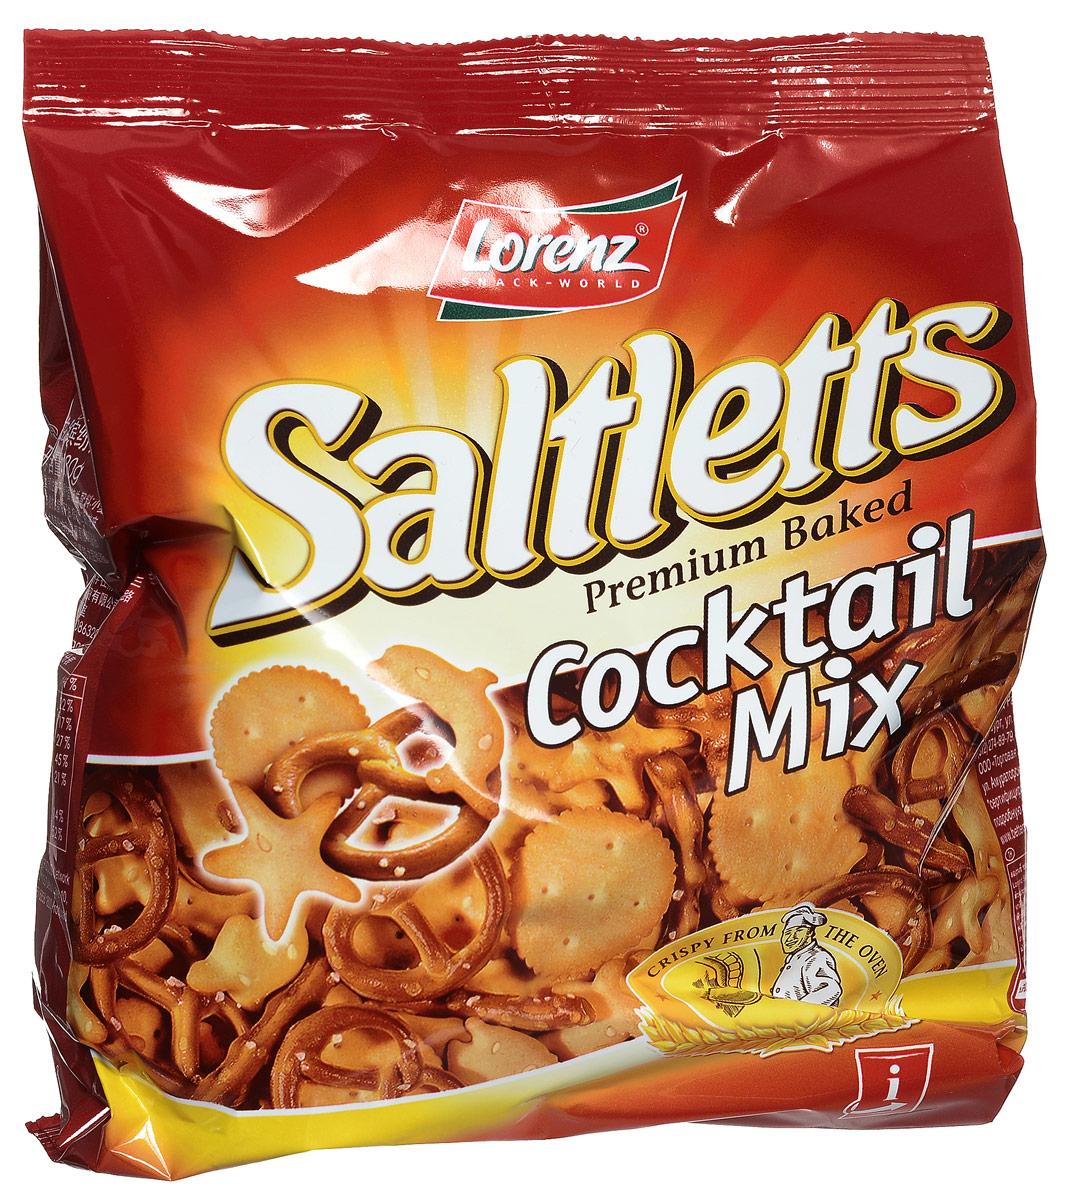 Lorenz Saltletts коктейль печенье и крендельки, 180 г0120710Вы сможете порадовать гостей коктейлем из крендельков и других восхитительных соленых снэков. В Saltletts Cocktail Mix каждый найдет то, что ему по вкусу!